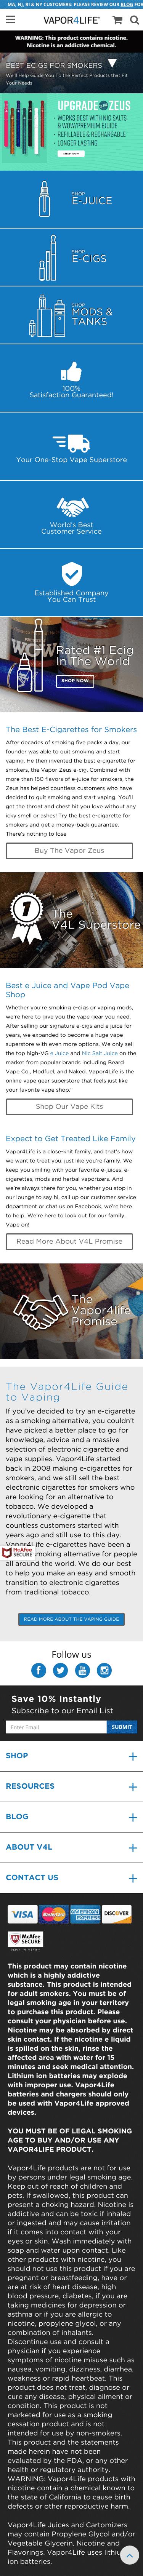 vapor4life Coupon